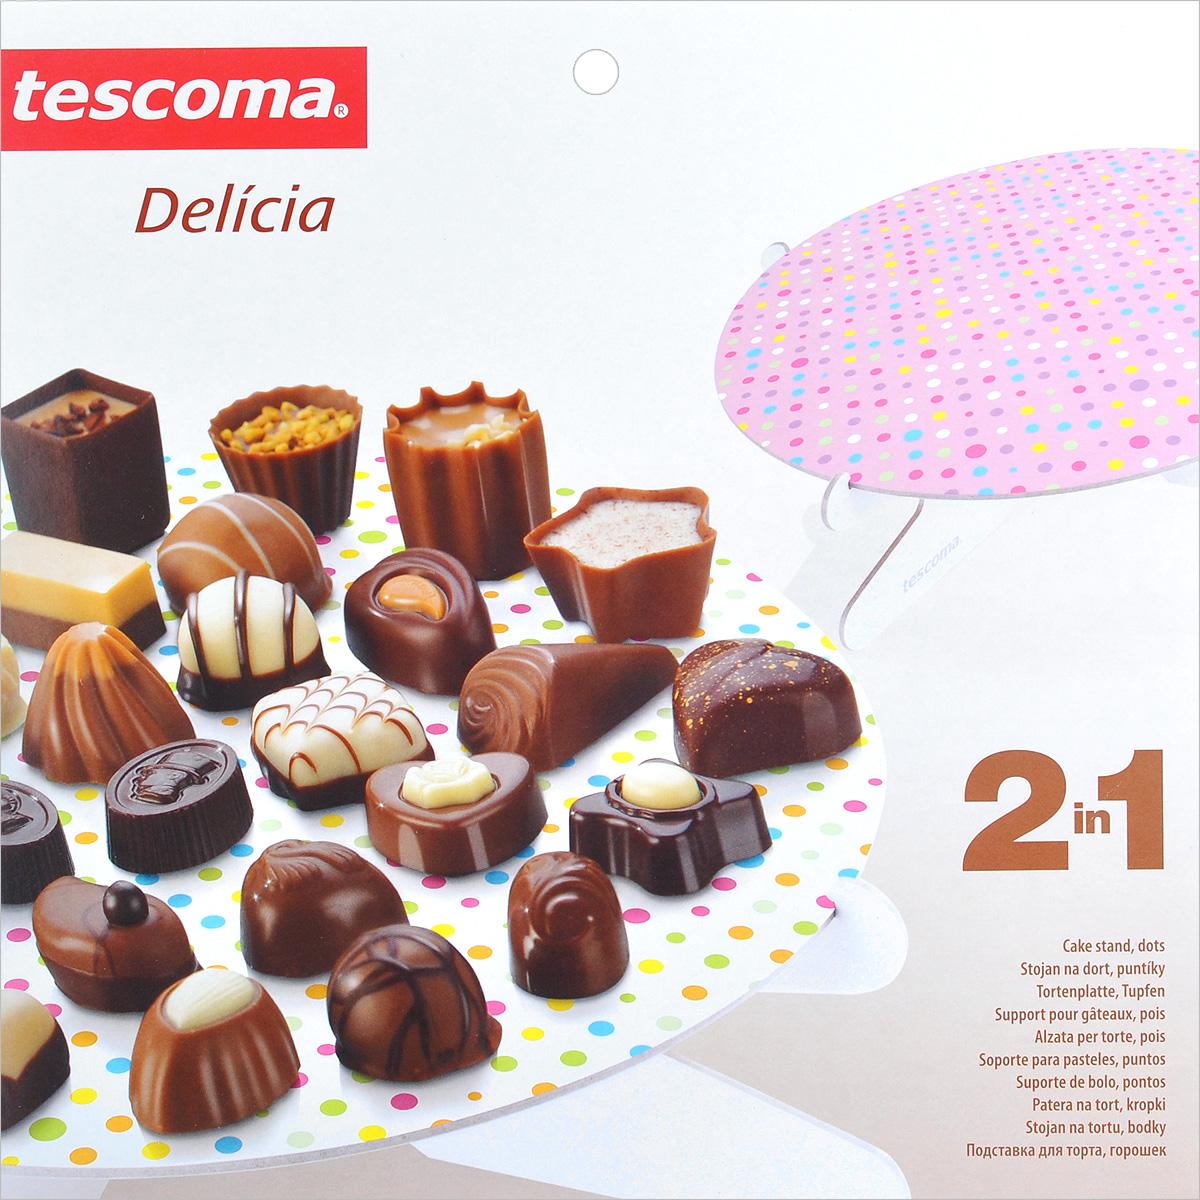 Подставка для торта Tescoma Delicia. Горошек, цвет: розовый, диаметр 28,5 см54 009312Подставка для торта Tescoma Delicia. Горошек идеально подходит для стильной сервировки тортов и десертов. Изготовлена из очень толстого картона, обработанного пластичной смазкой, что сохранит его от влажности. Двухсторонняя печать с красивым принтом в разноцветный горошек придает изделию изысканный внешний вид. Подставка оснащена специальным стендом-ножками, он очень прочный и устойчивый, легко собирается. Подставку можно использовать повторно. Промойте под проточной водой и протрите сухой тканью. Диаметр подставки: 28,5 см.